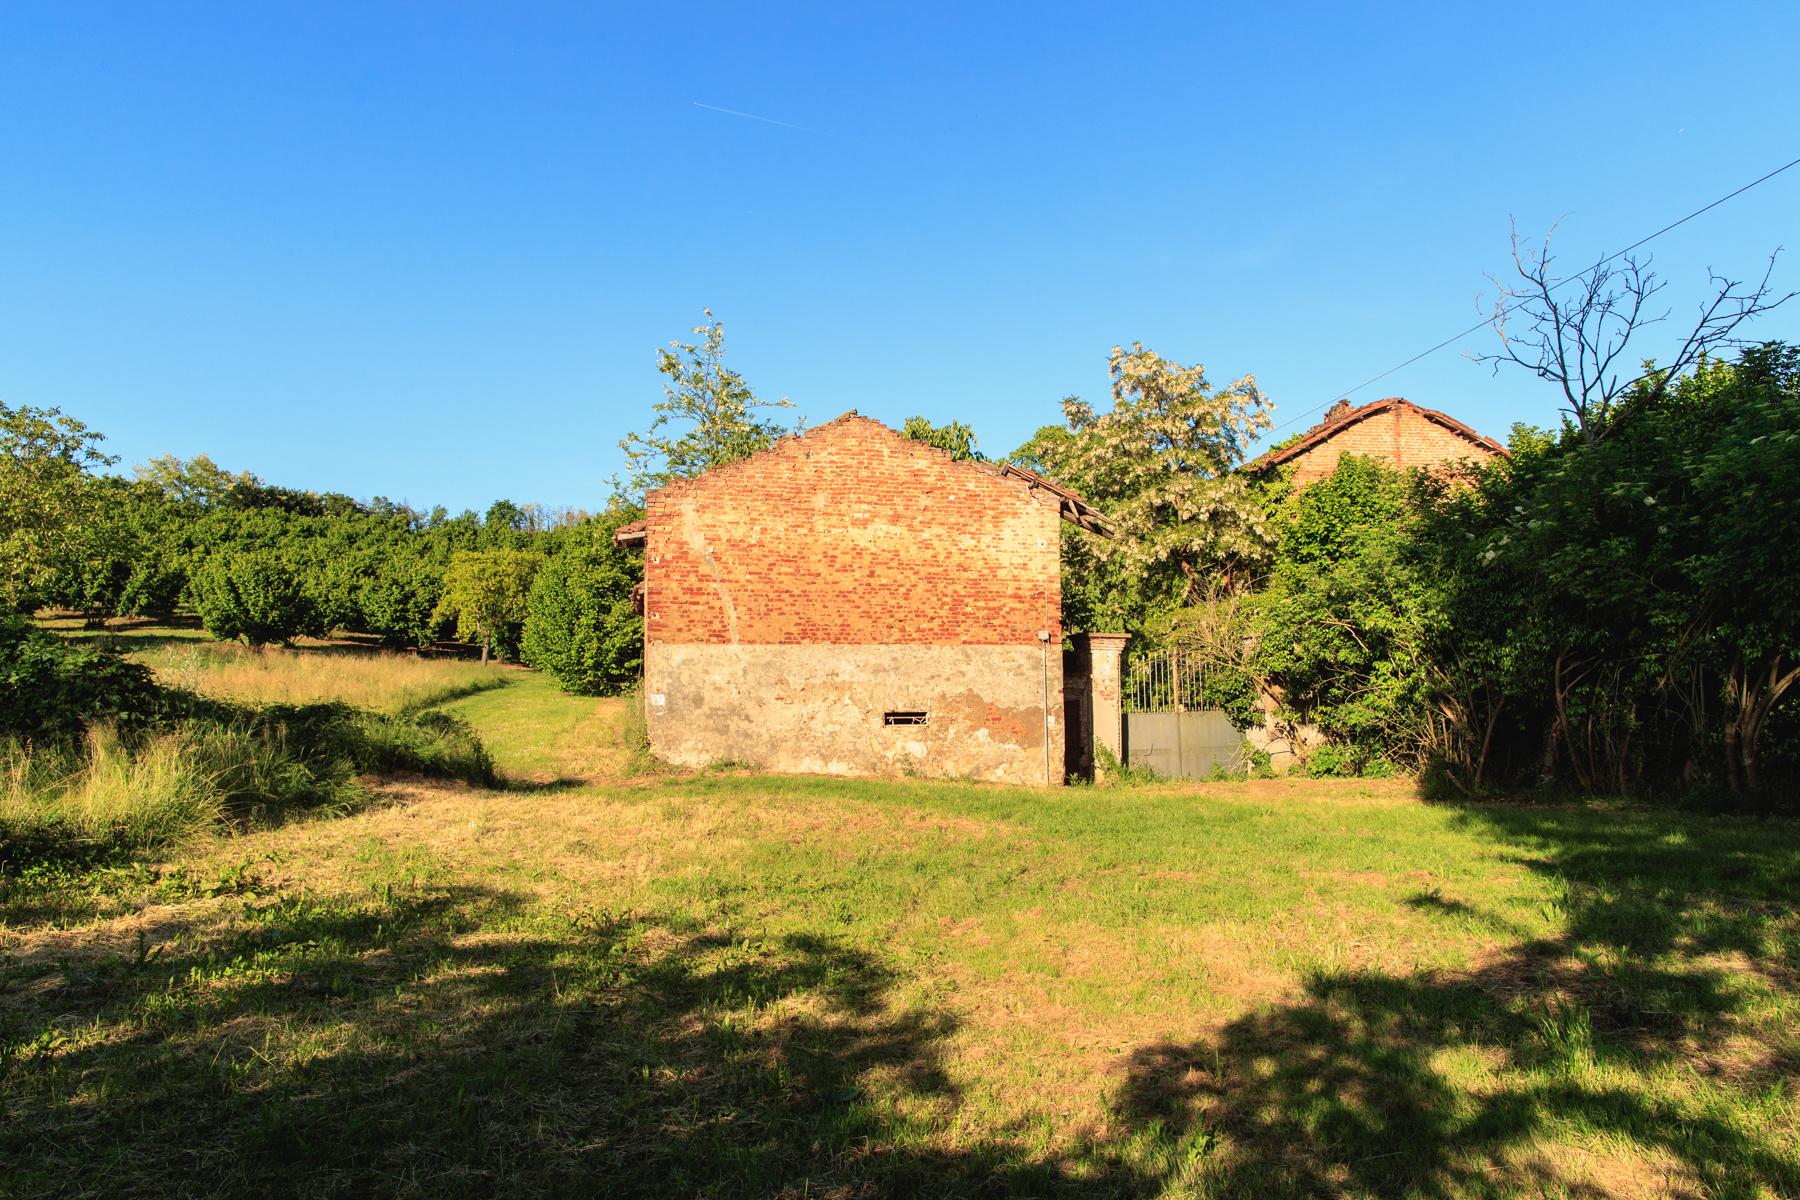 Rustico in Vendita a Chieri: 5 locali, 1500 mq - Foto 6